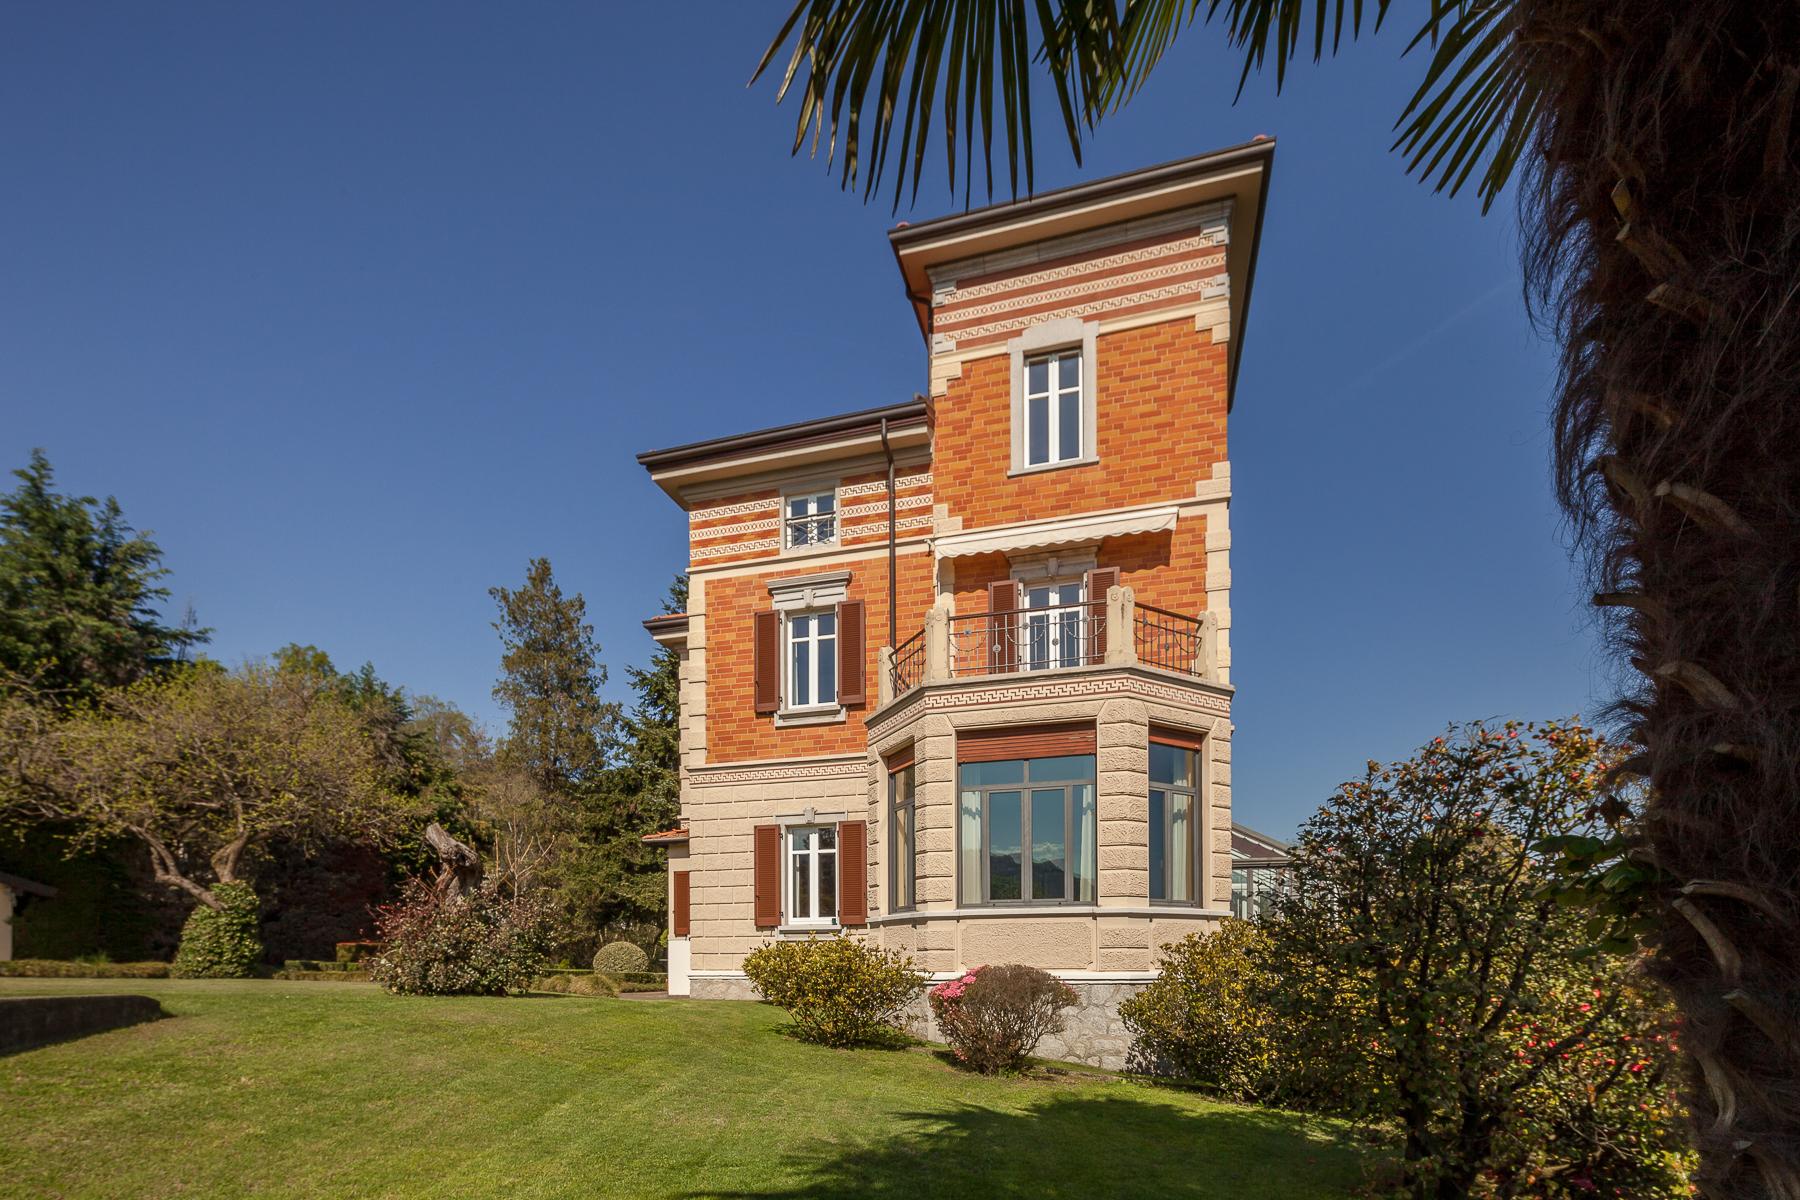 Villa di lusso in vendita a verbania via alla fontana for Immagini di entrate di ville